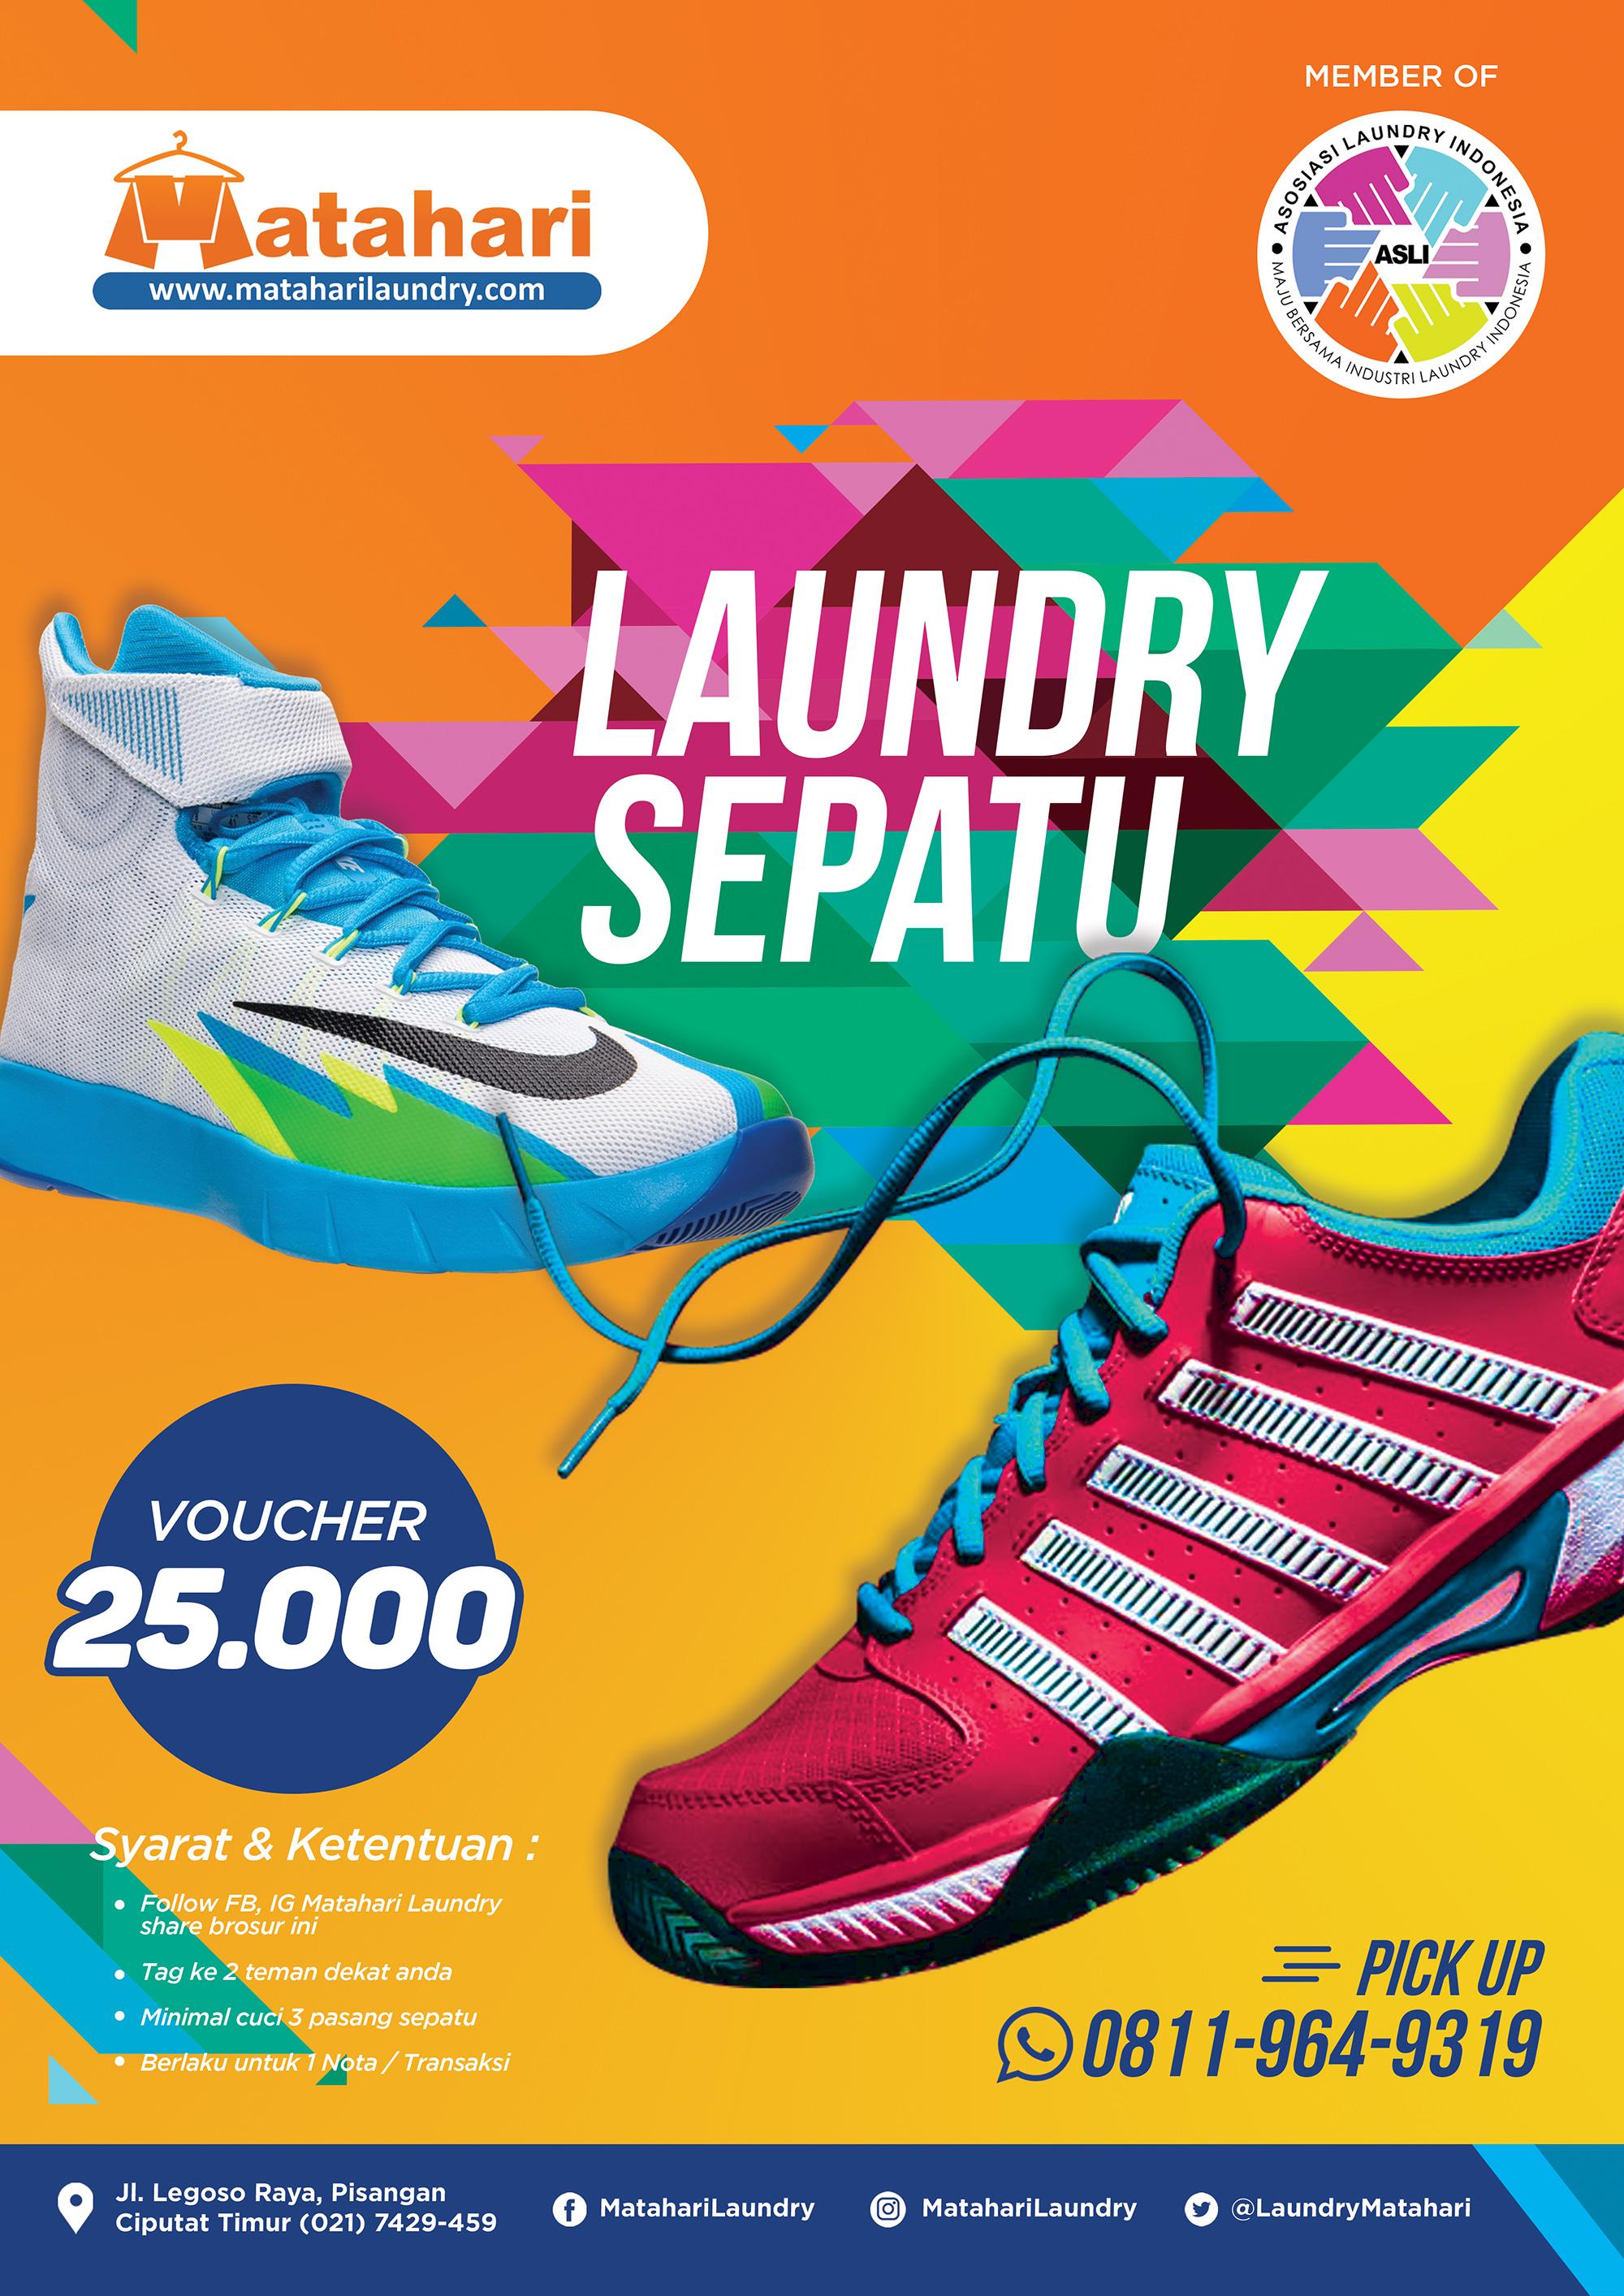 PROMO Laundry Sepatu Di Matahari Laundry